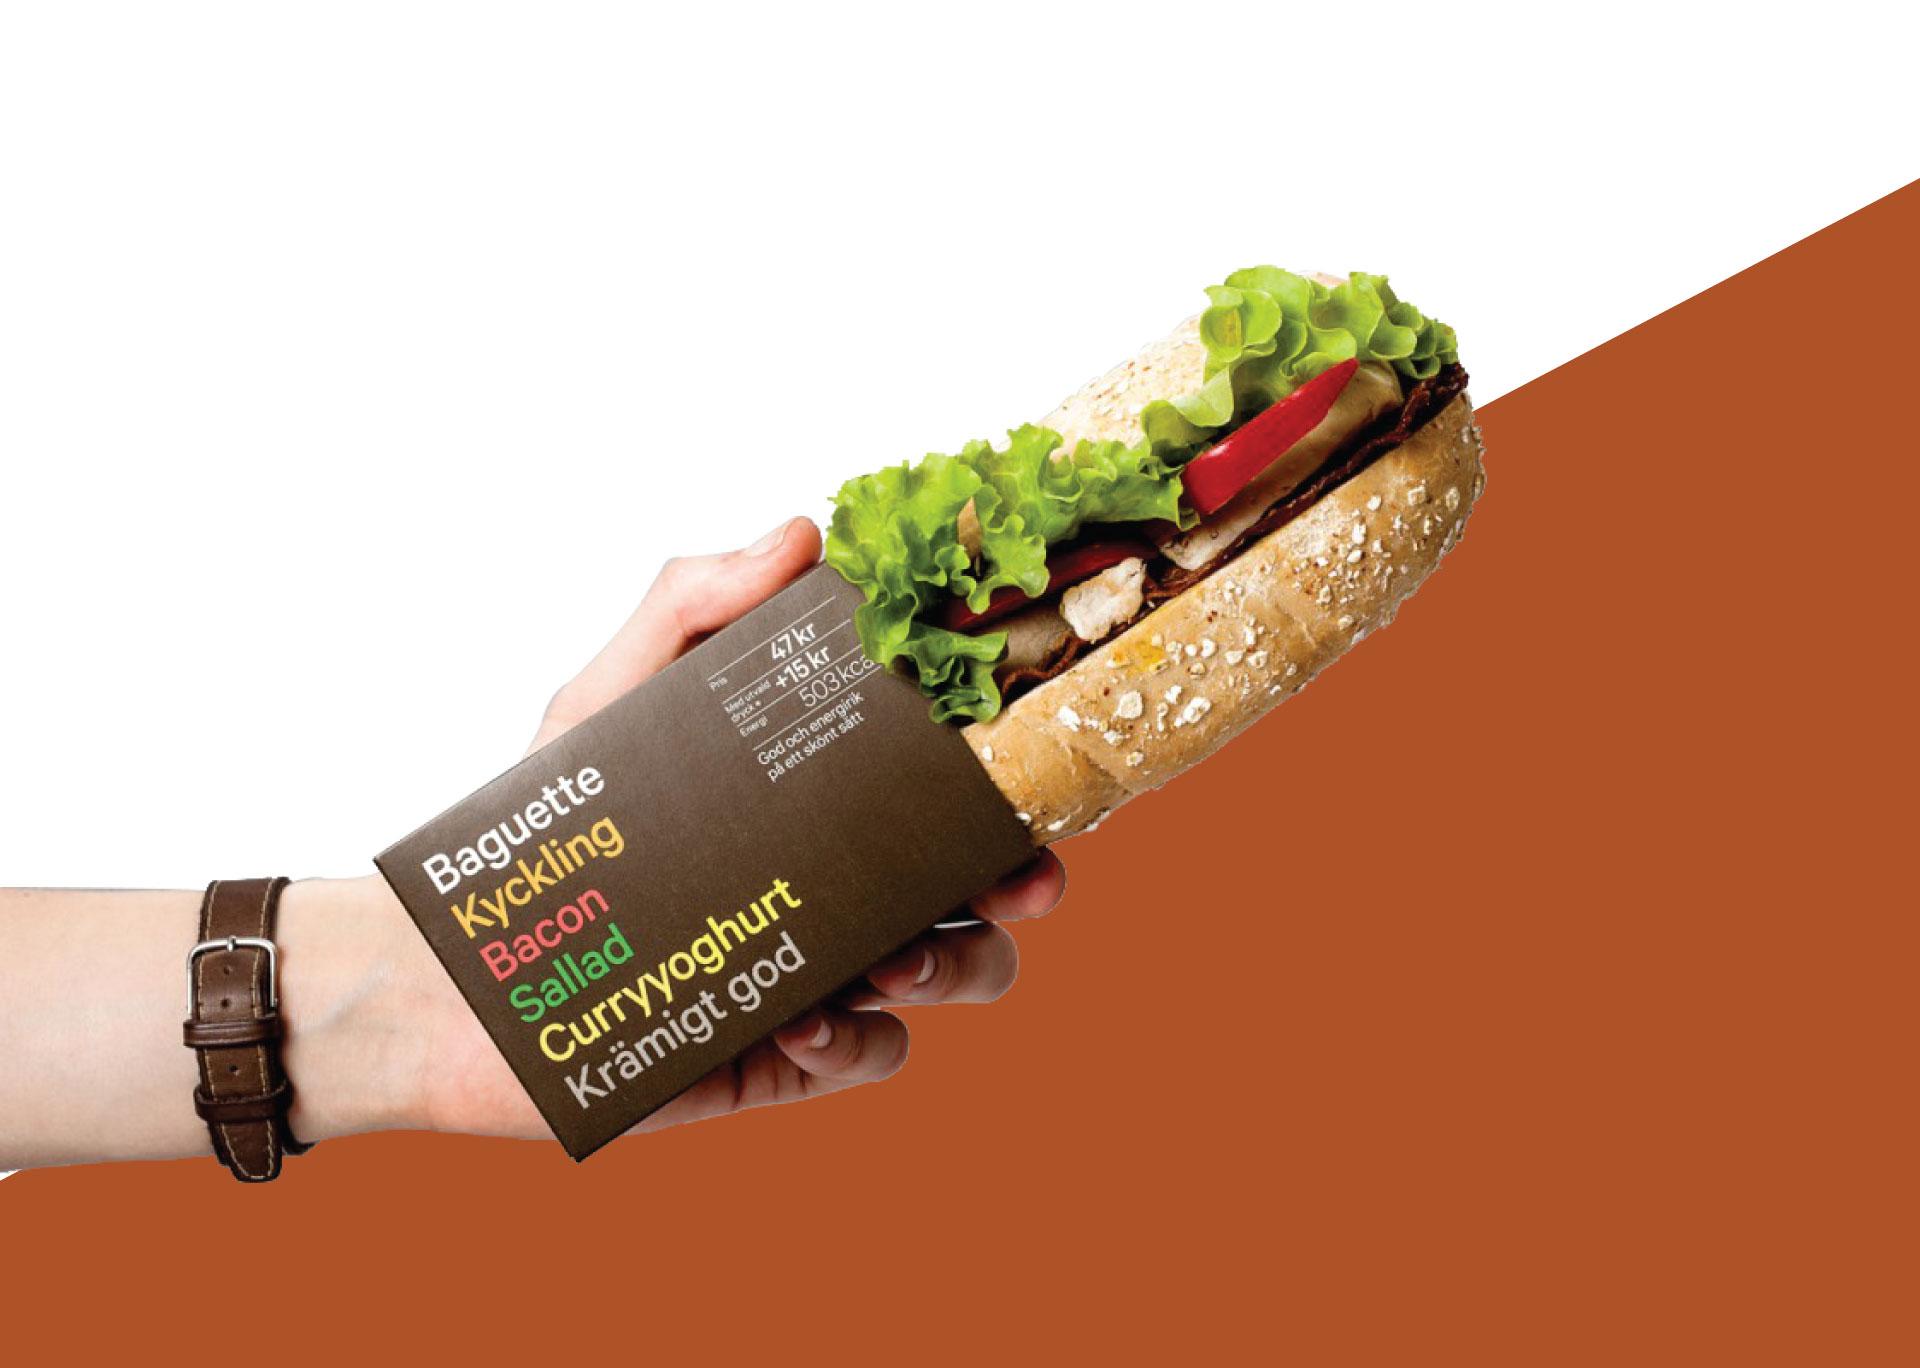 جعبه ساندویچ با طراحی های خلاقانه و زیبا